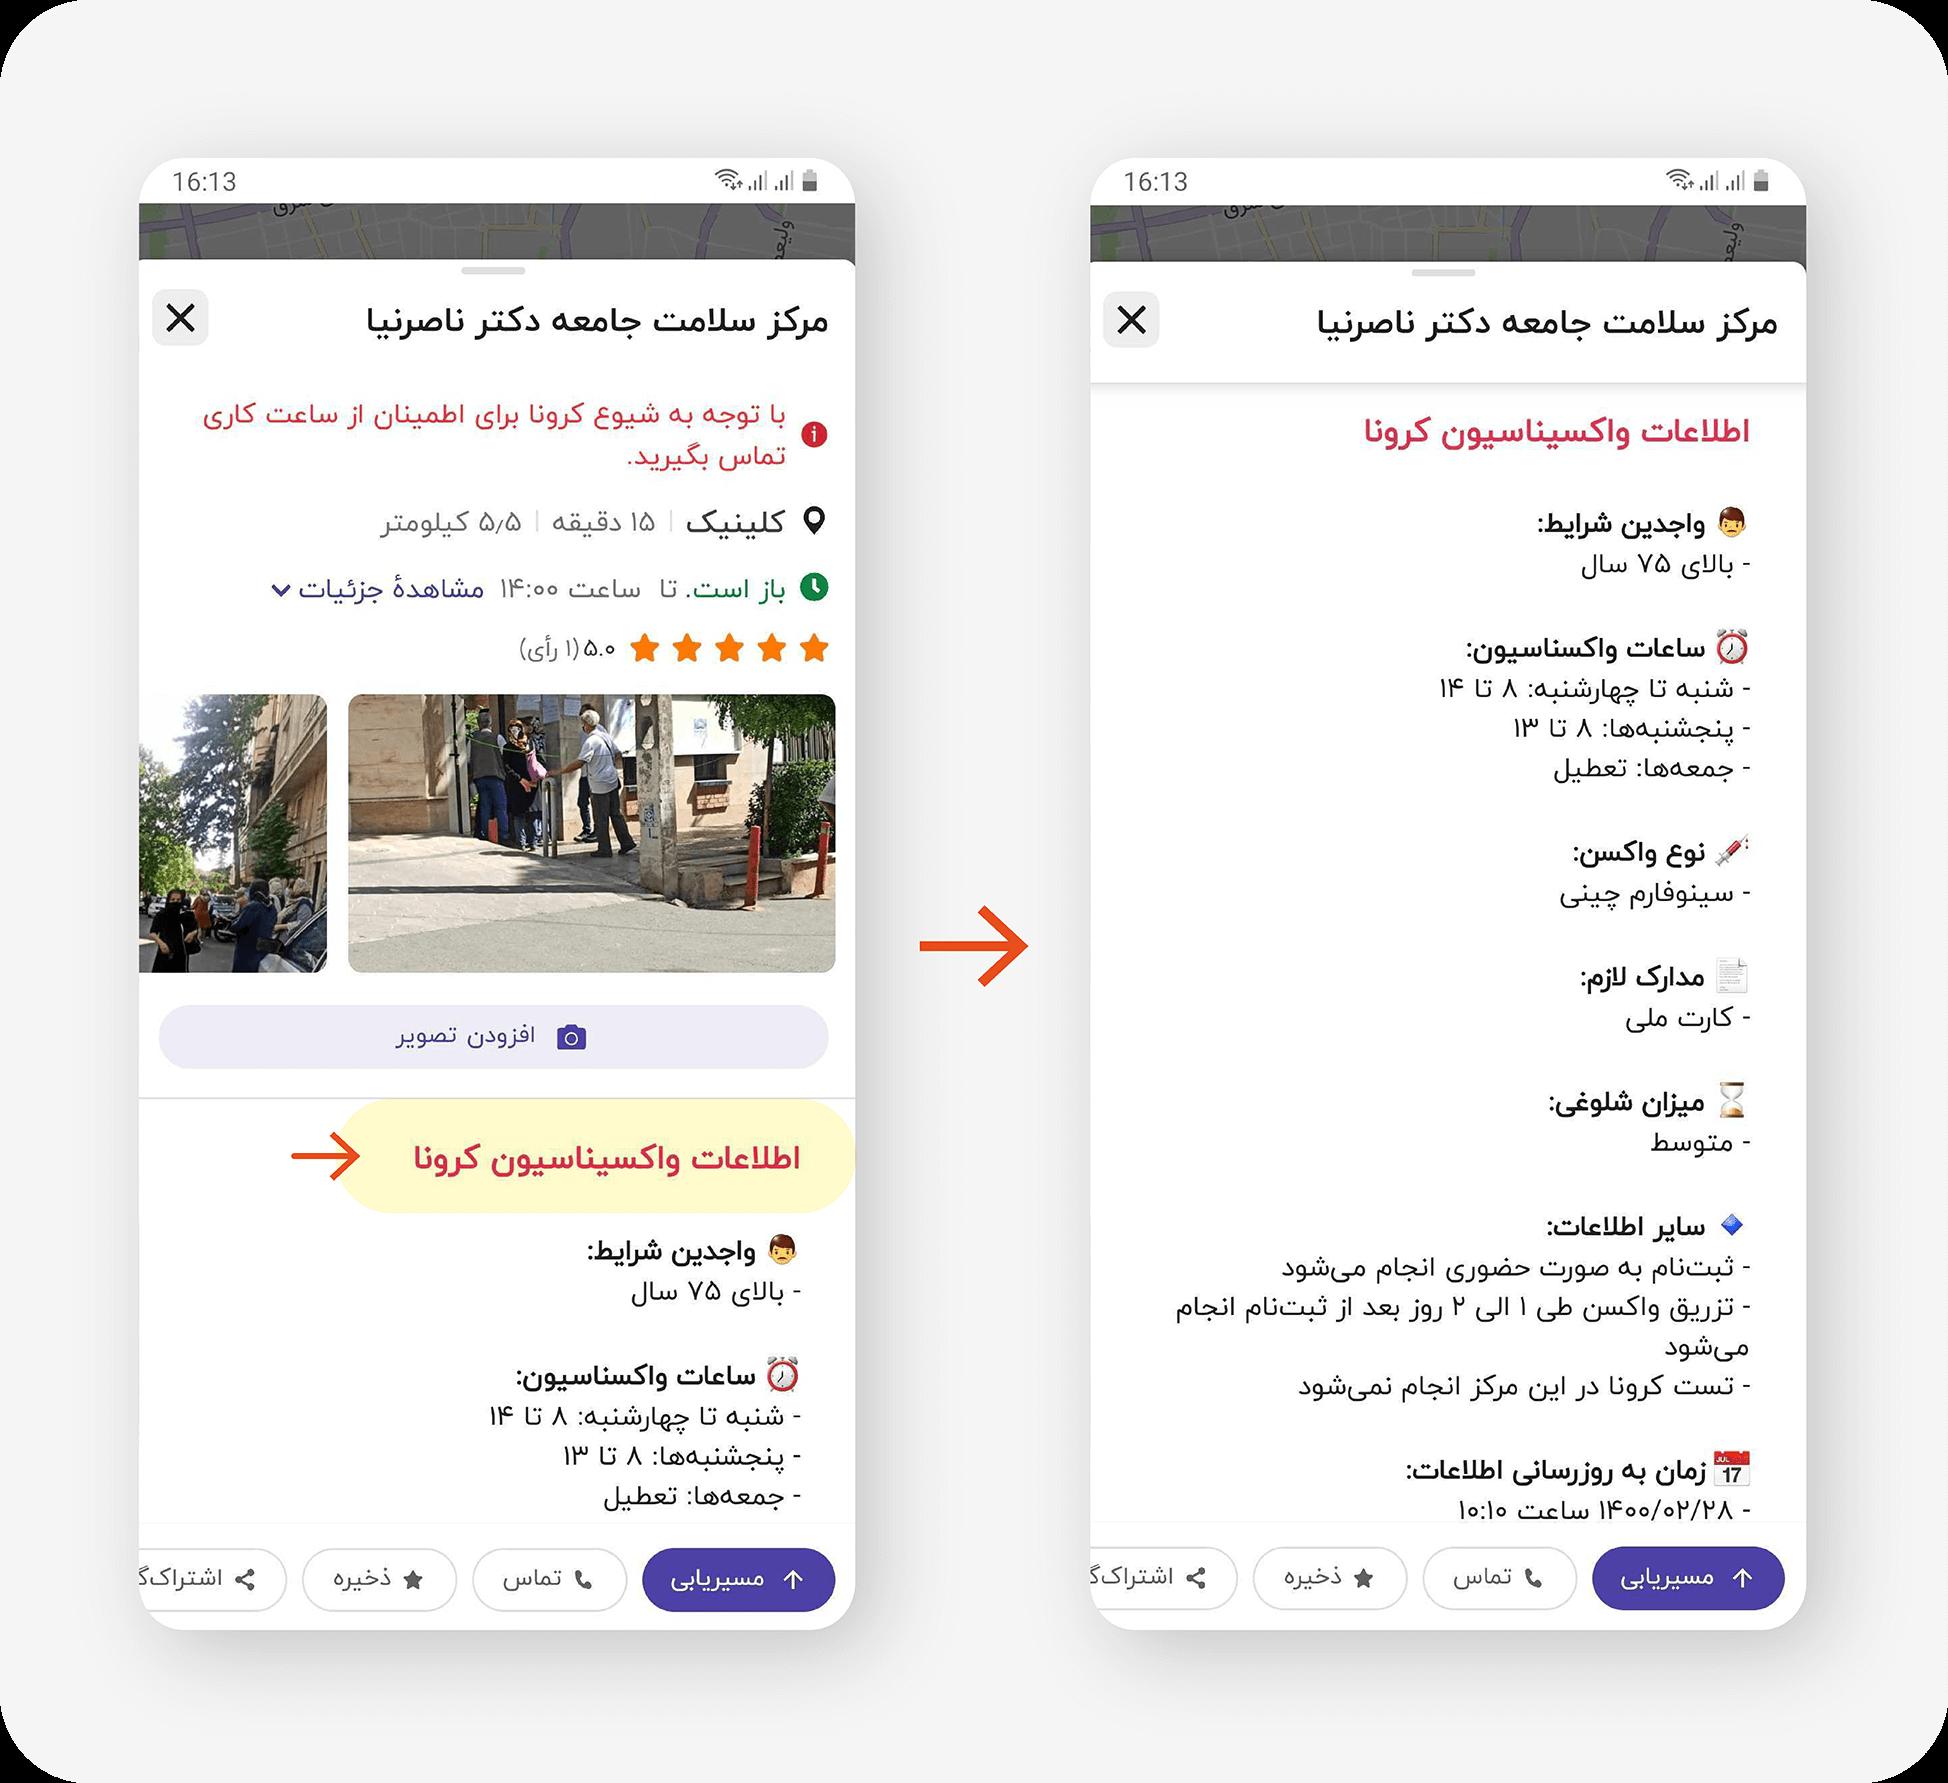 اطلاعات مراکز واکسیناسیون بلد